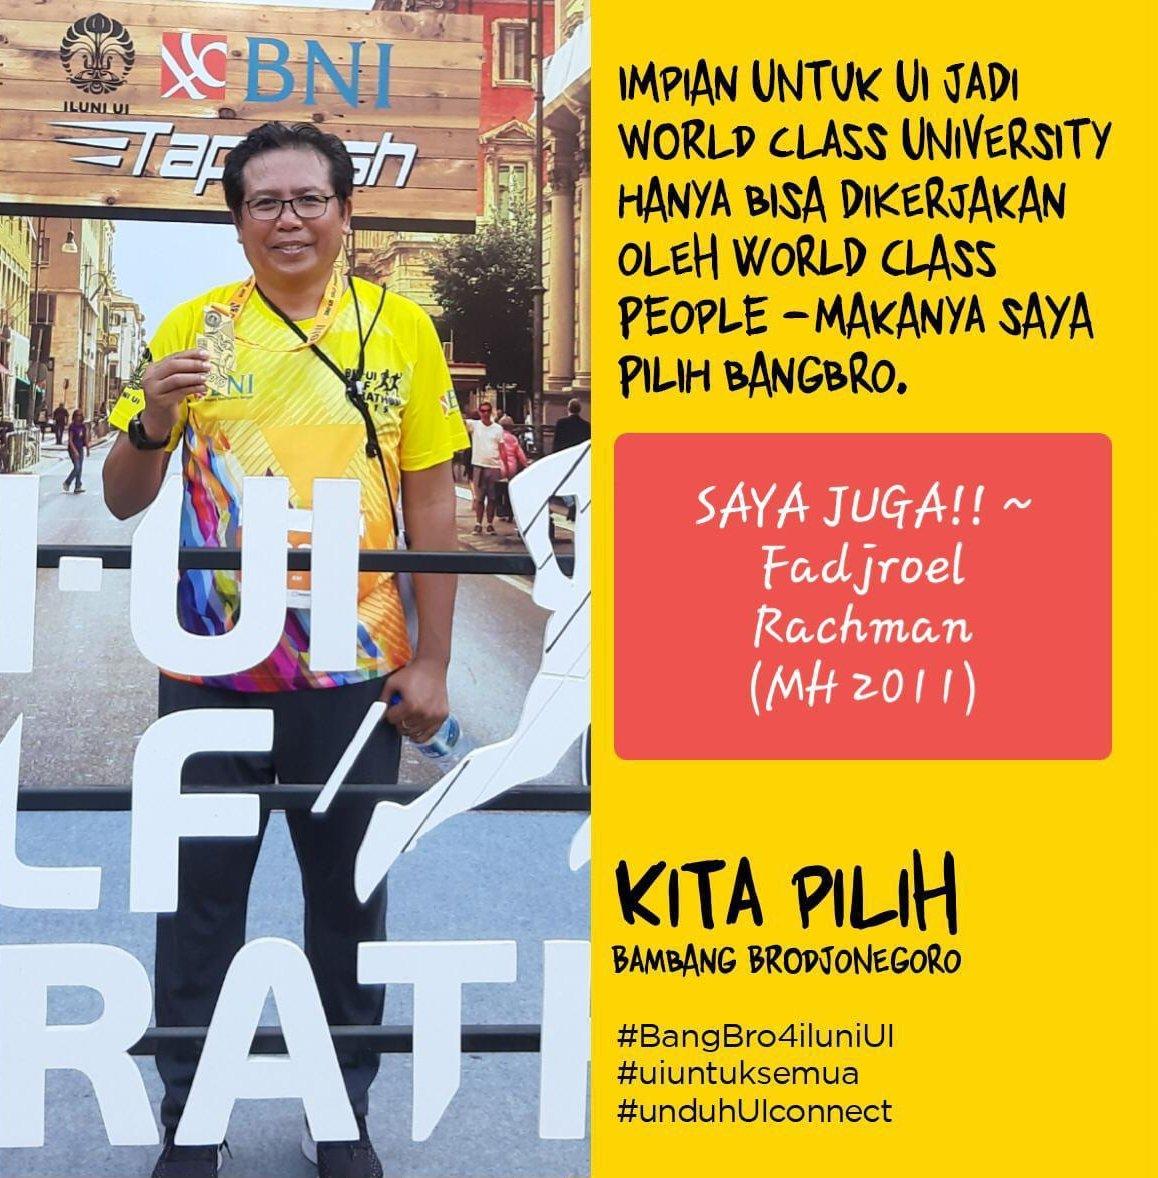 Yuk kita berjuang bersama #BangBro menjadikan ILUNI UI sebagai Ikatan Alumni kelas dunia! @BangBro4ILUNI @Ilunifebui @iluniui_ @ILUNIFISIPUI @ILUNI_FHUI @univ_indonesia @UI_library